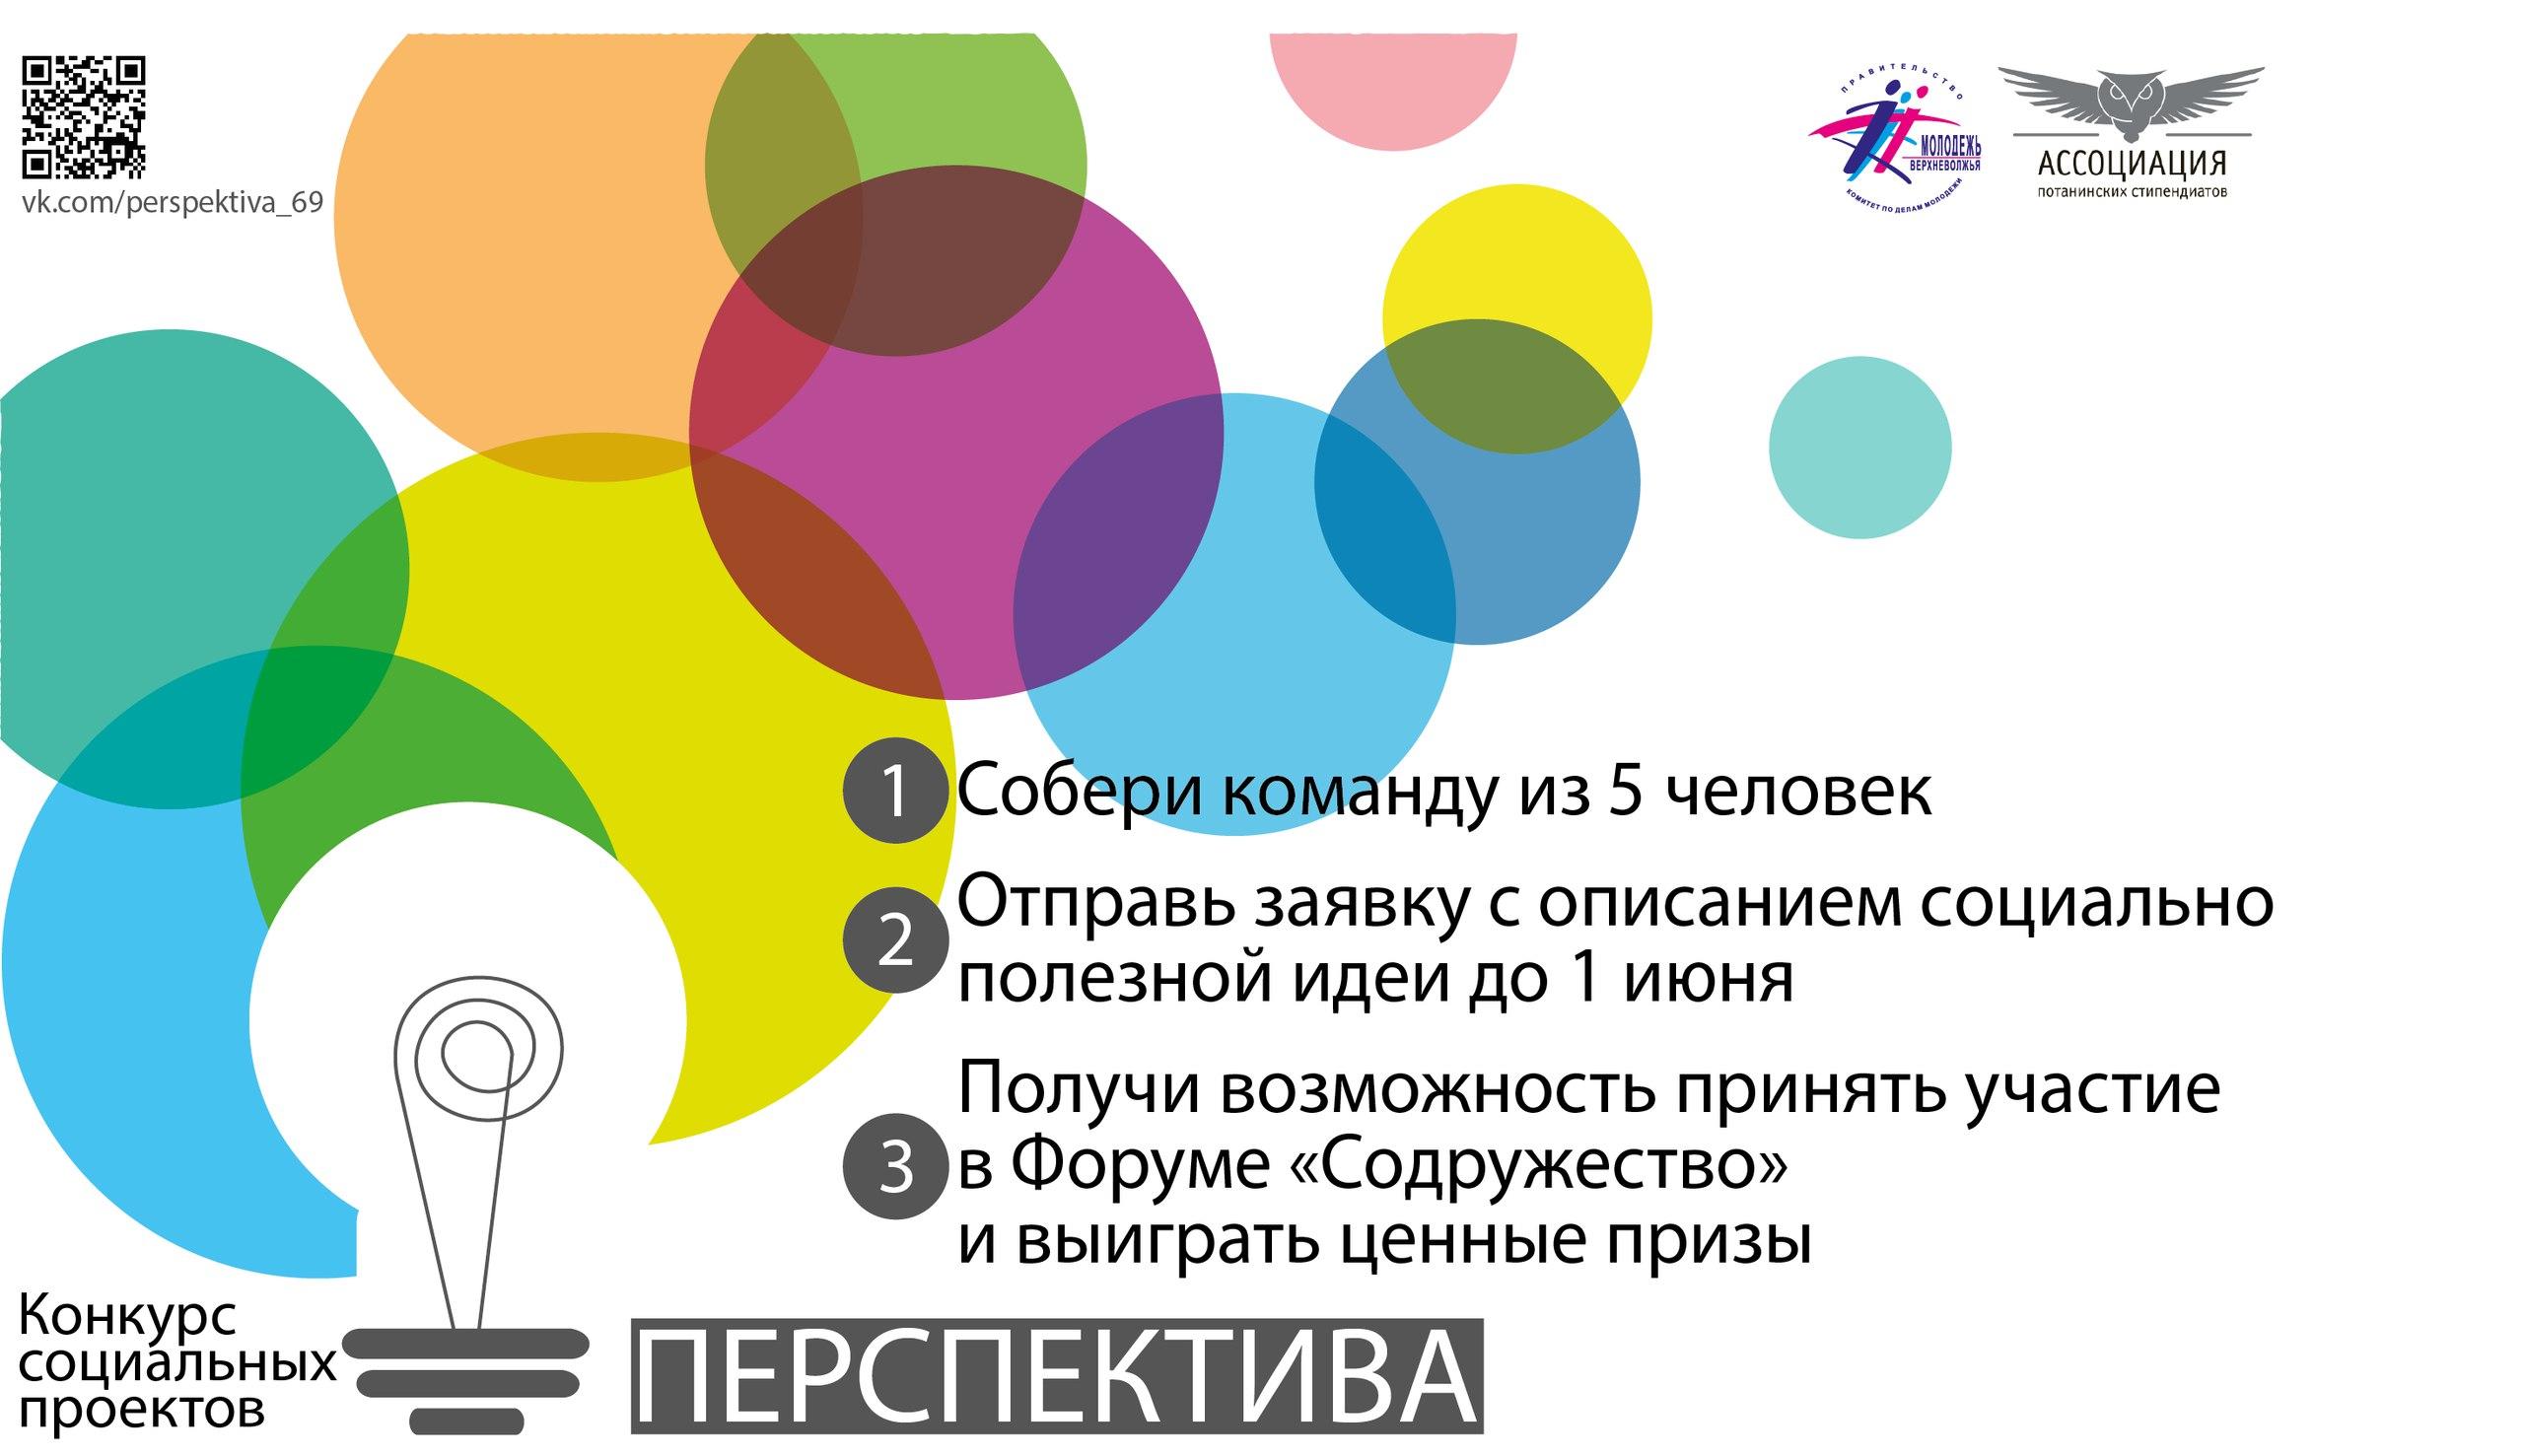 Конкурс социальных проектов по творчеству